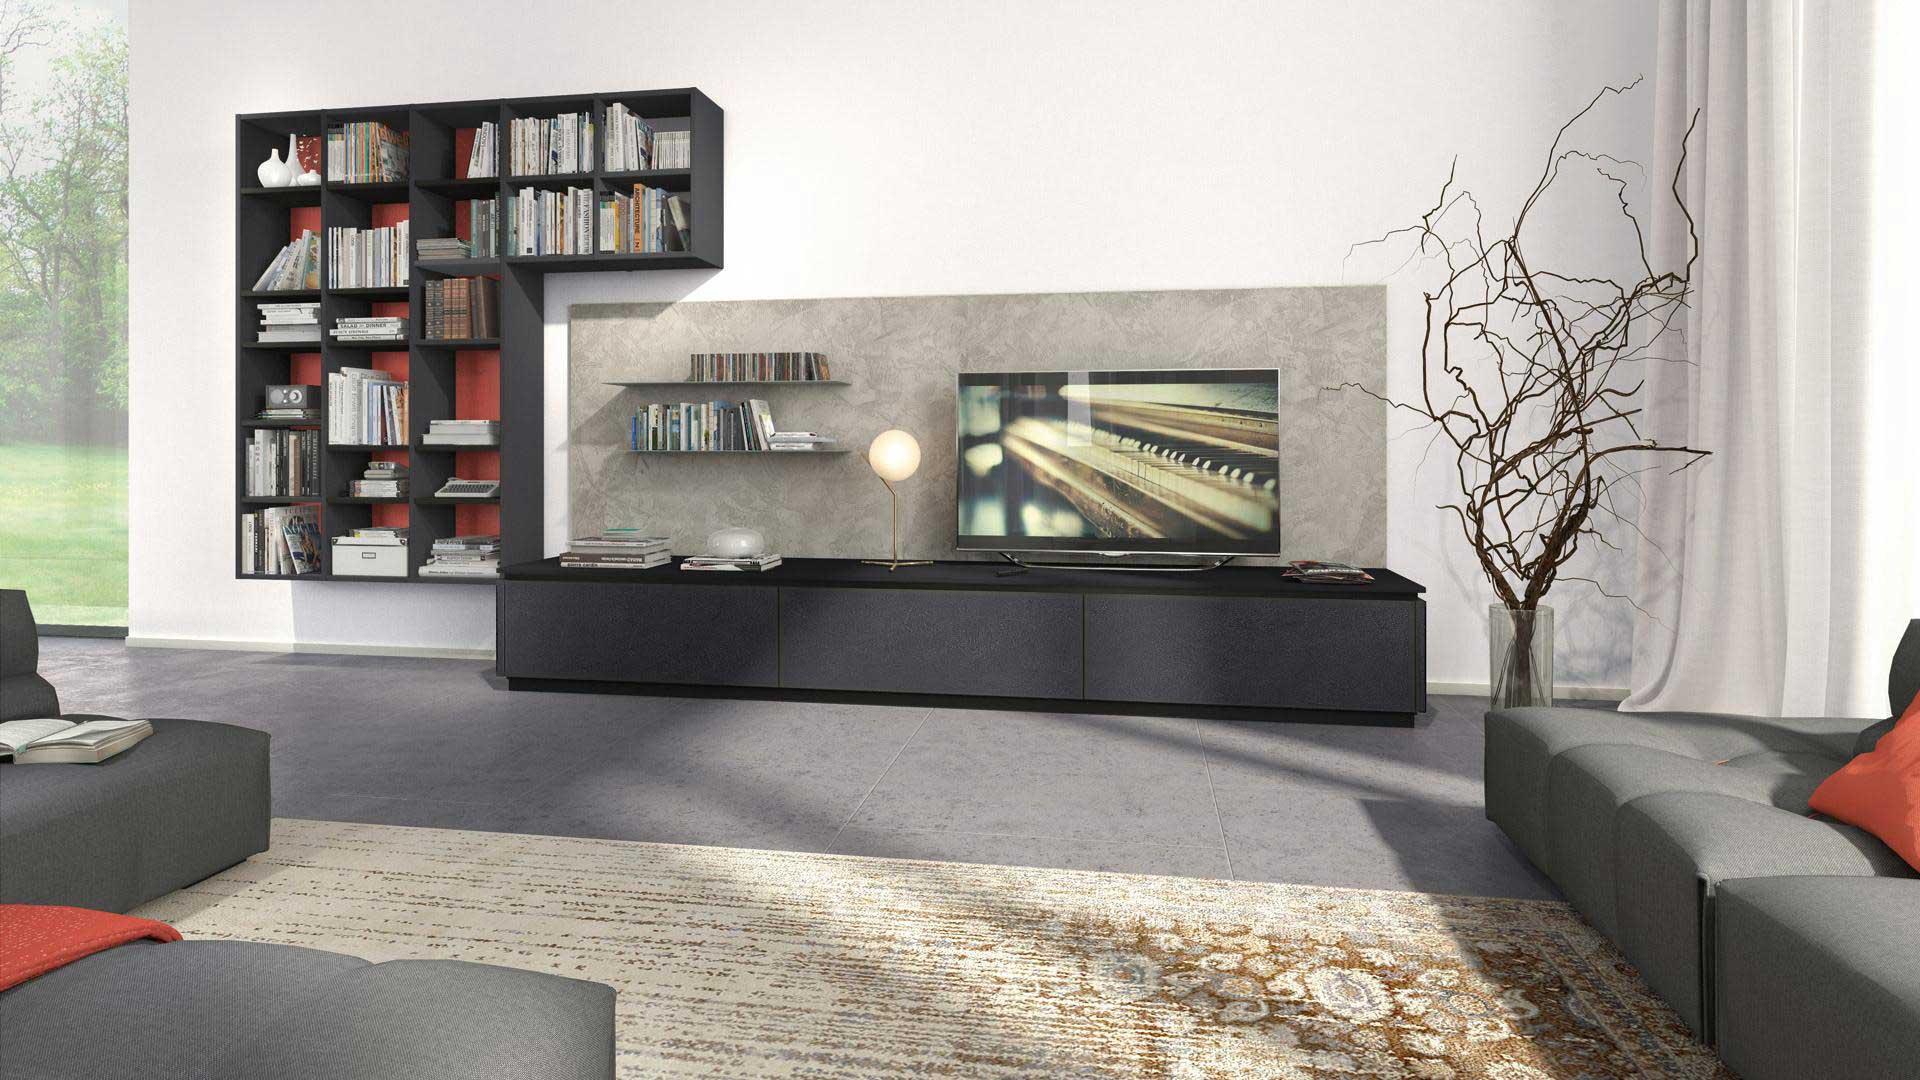 Lube Cucina OLTRE Design Materico Www.olimparredamenti.it #964035 1920 1080 Programma Per Creare Cucine Su Misura